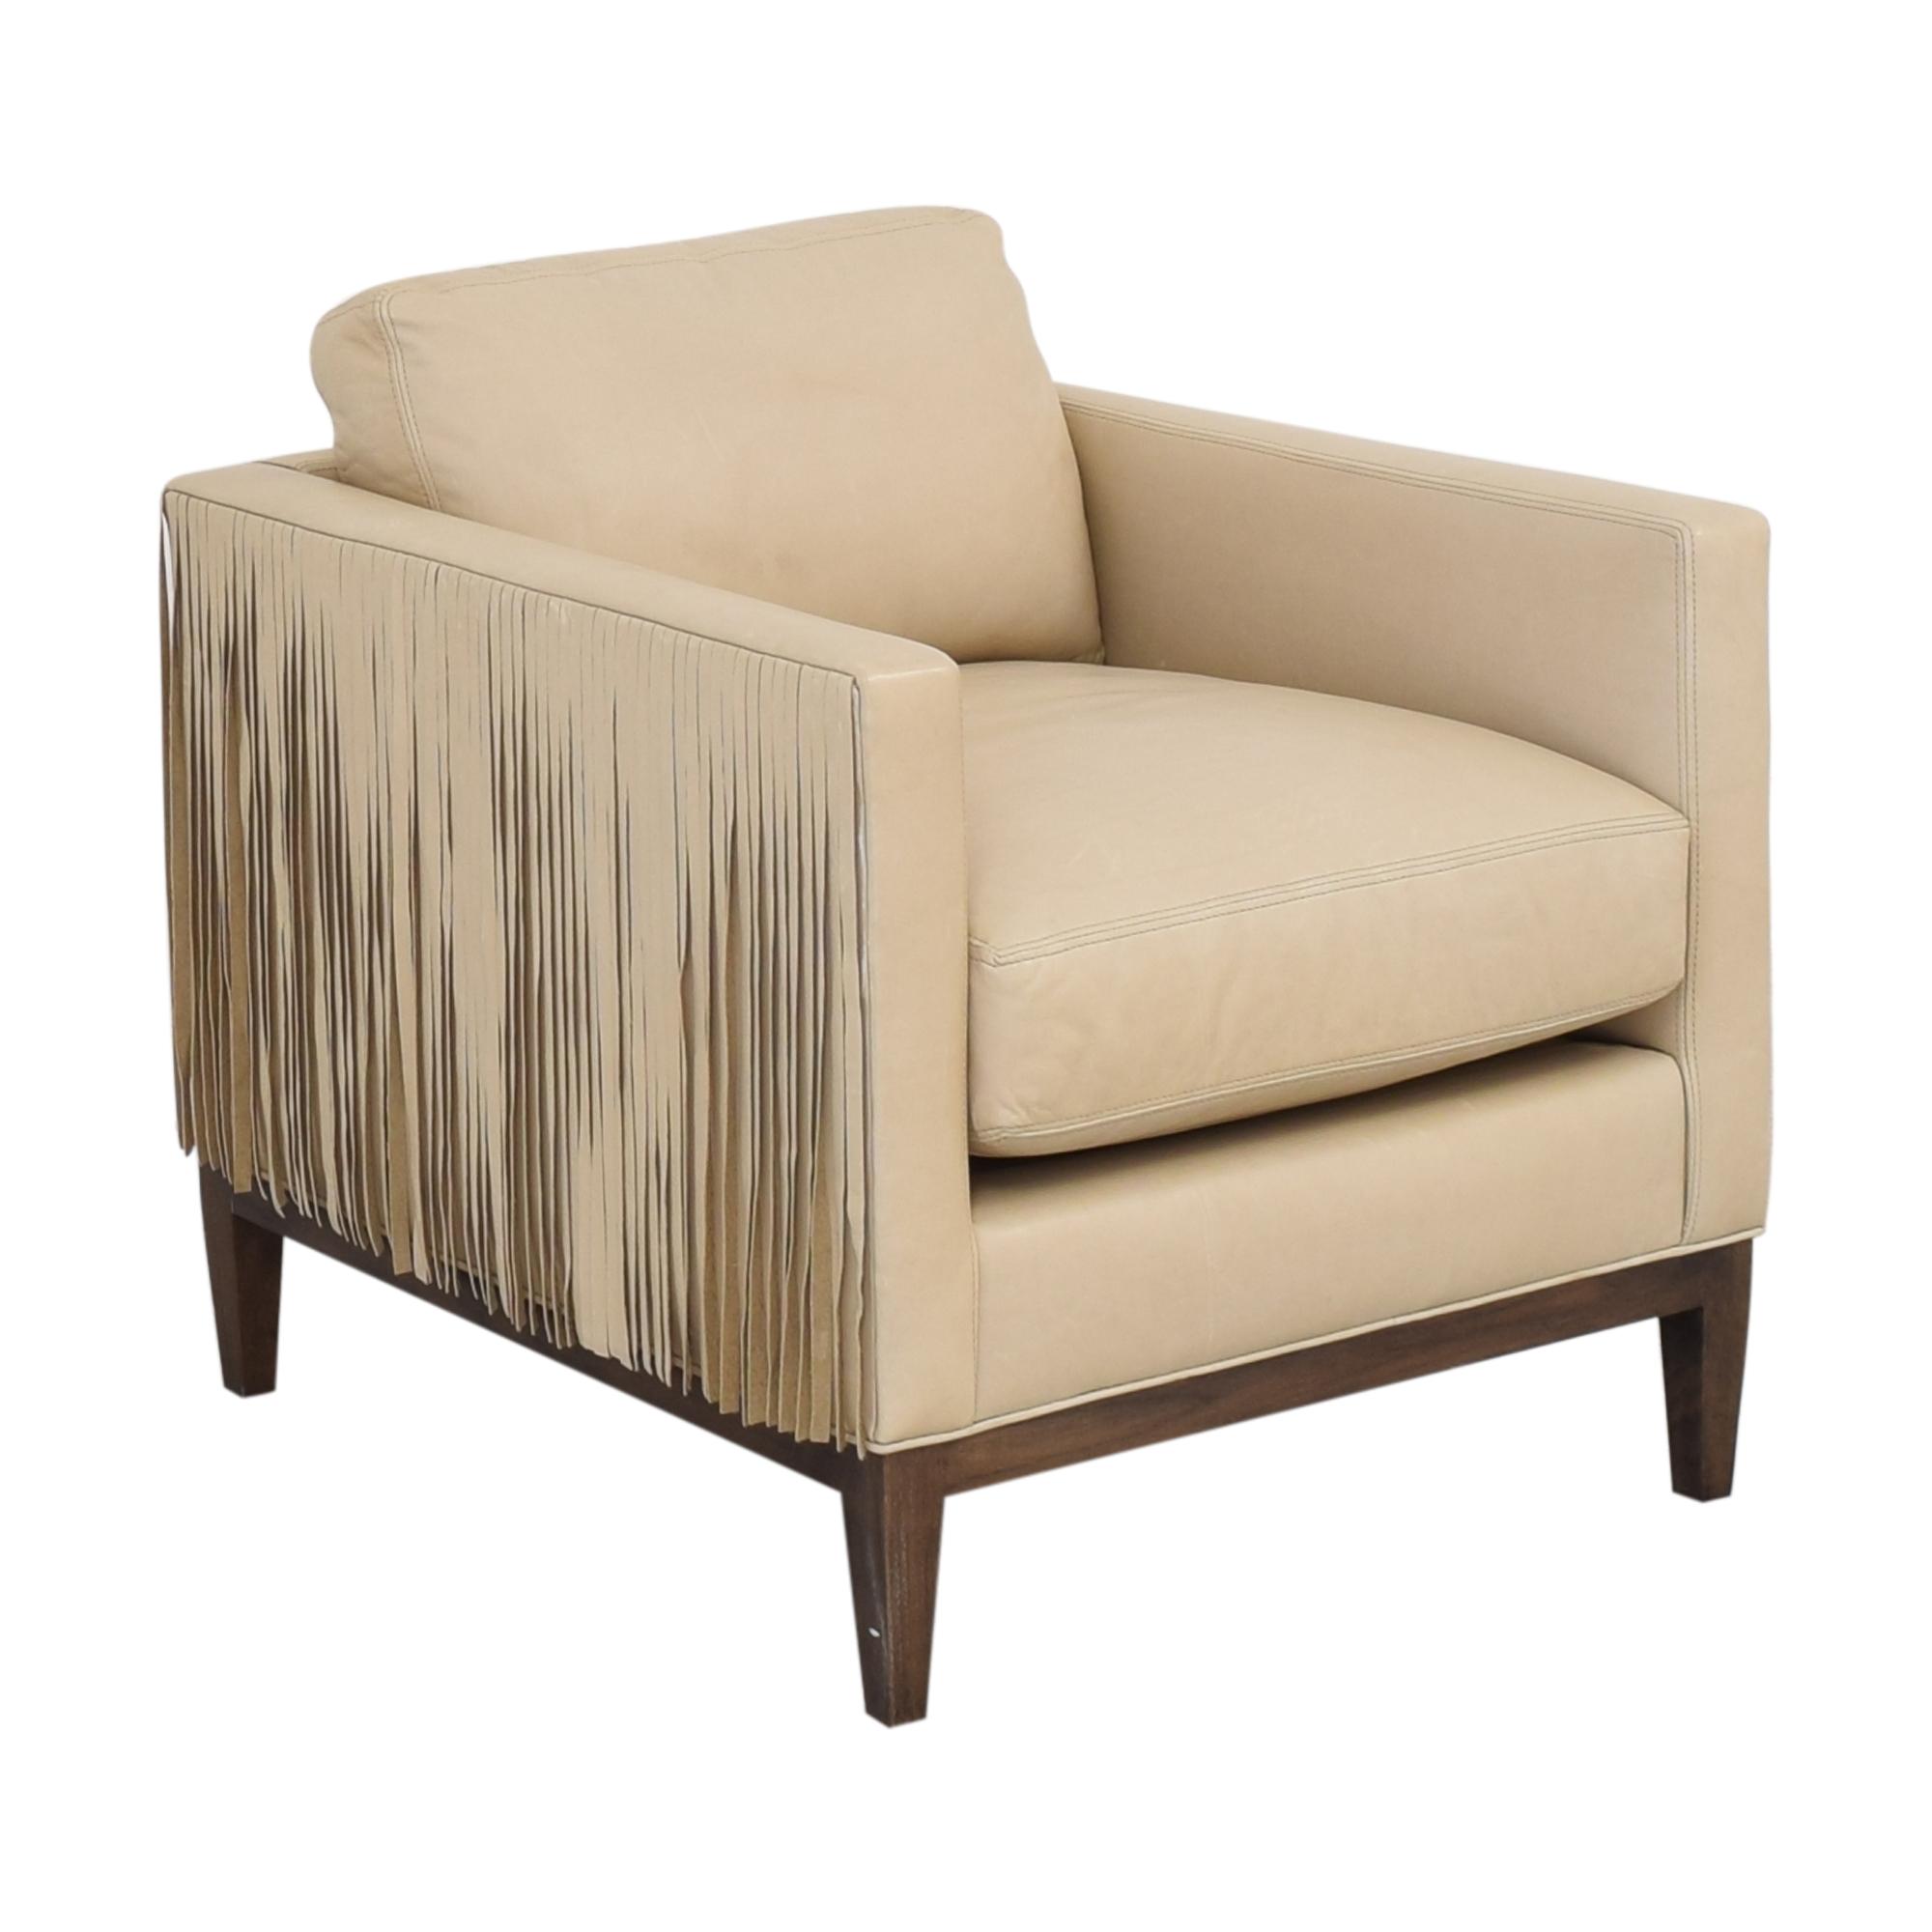 Lee Industries Lee Industries Leather Fringe Chair nyc